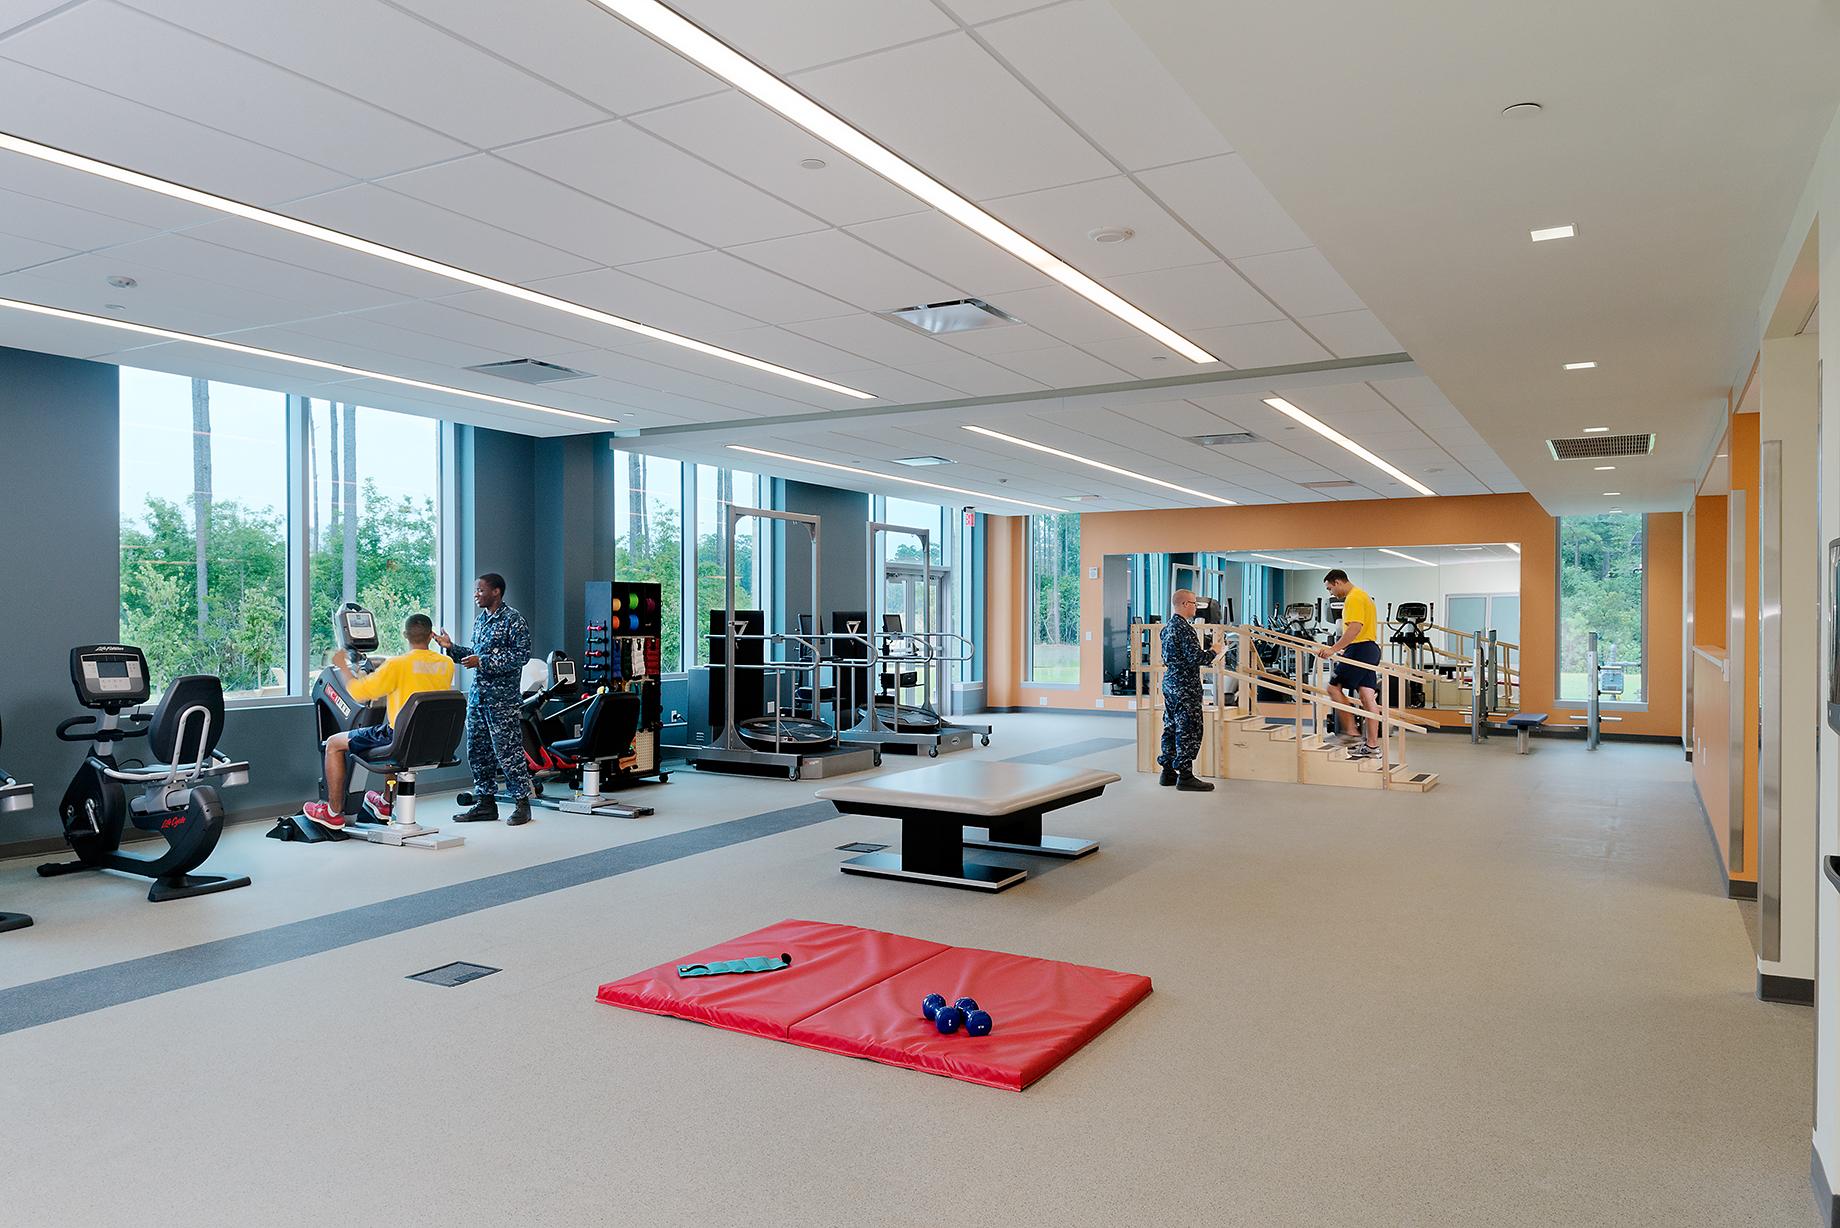 Intrepid Spirit Center gym interior